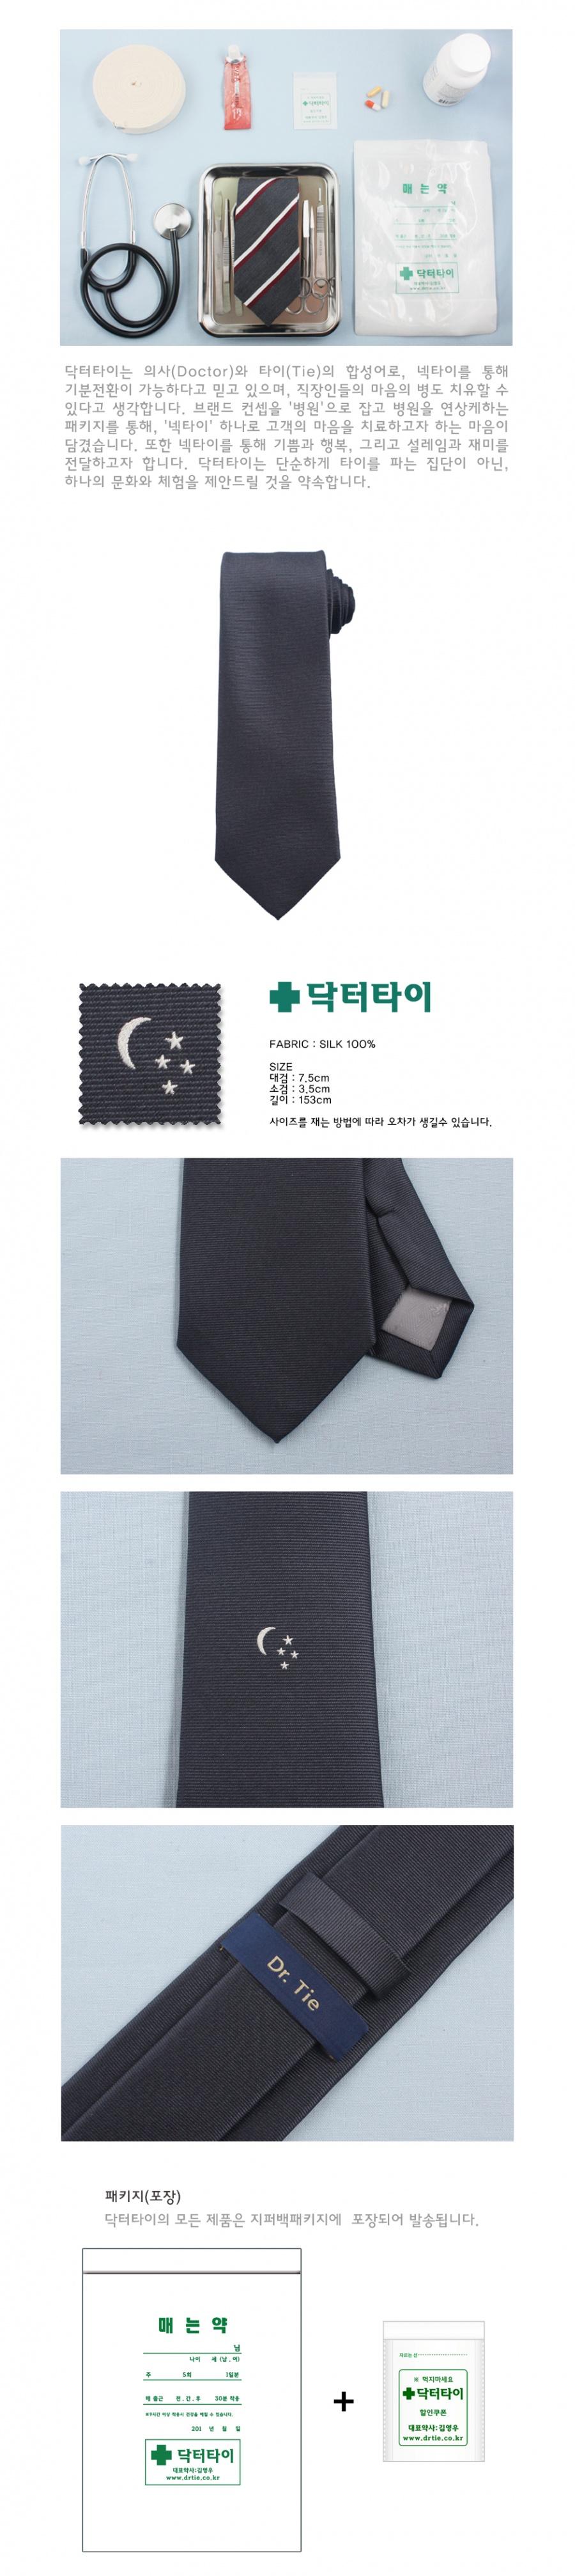 닥터타이(DRTIE) [닥터타이] 원포인트_문스타그레이